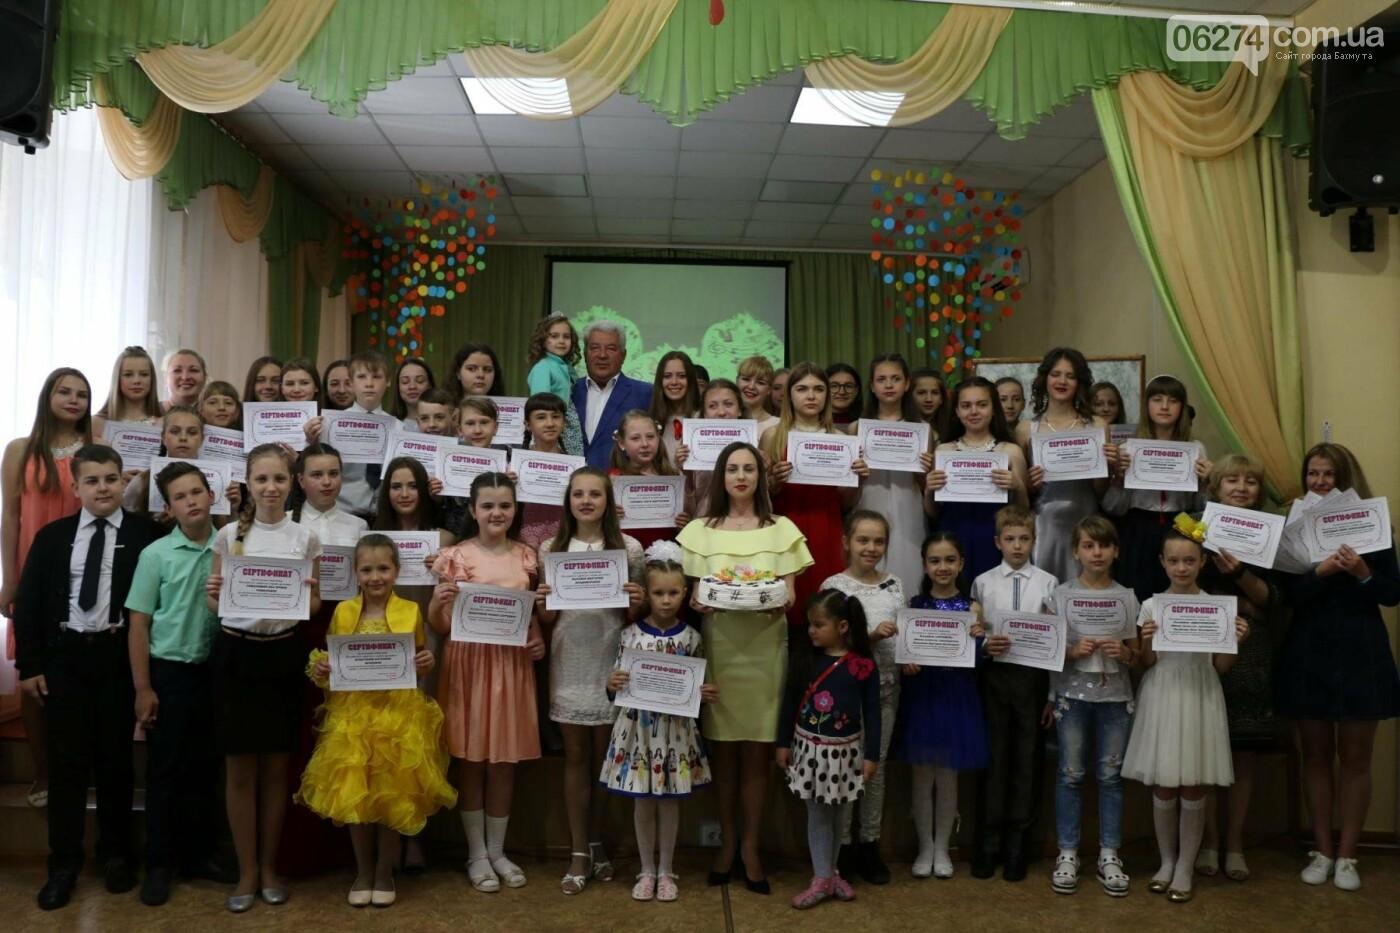 Одаренные дети Бахмута получили стипендии в награду за свое искусство, фото-12